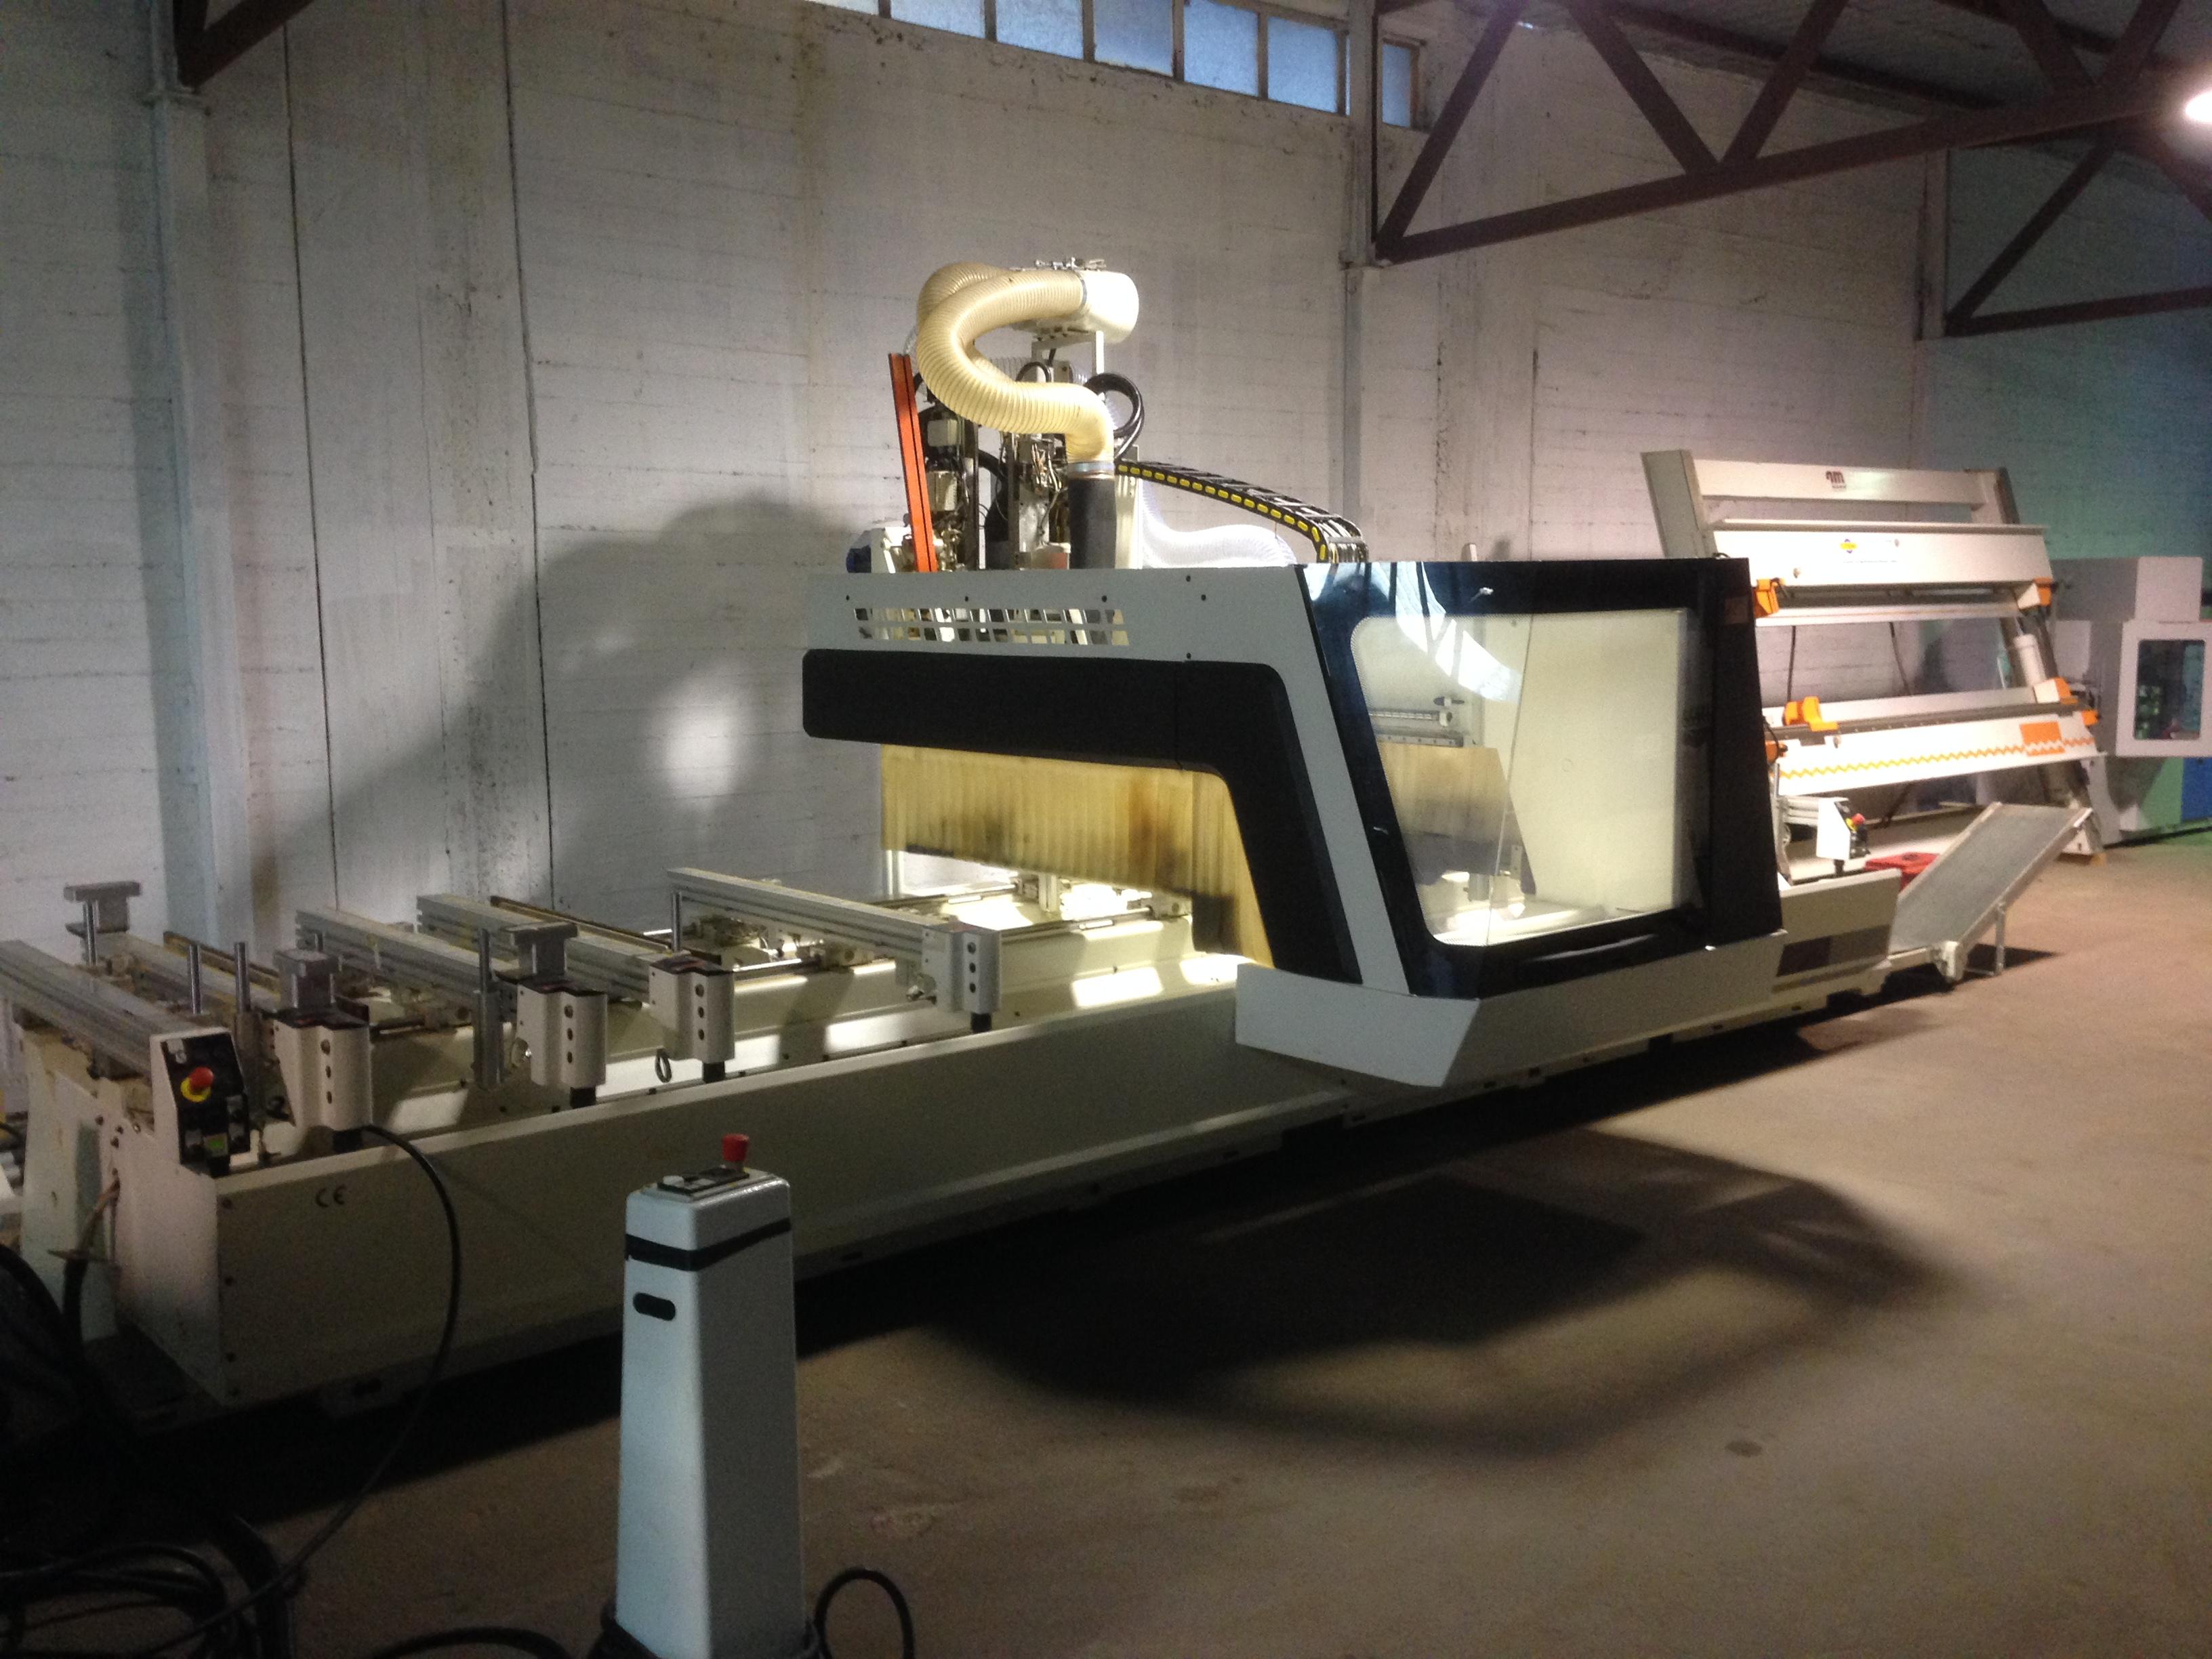 Macchine Per Lavorare Il Legno : Centro di lavoro cnc scm record 132 tv macchinari usati exapro